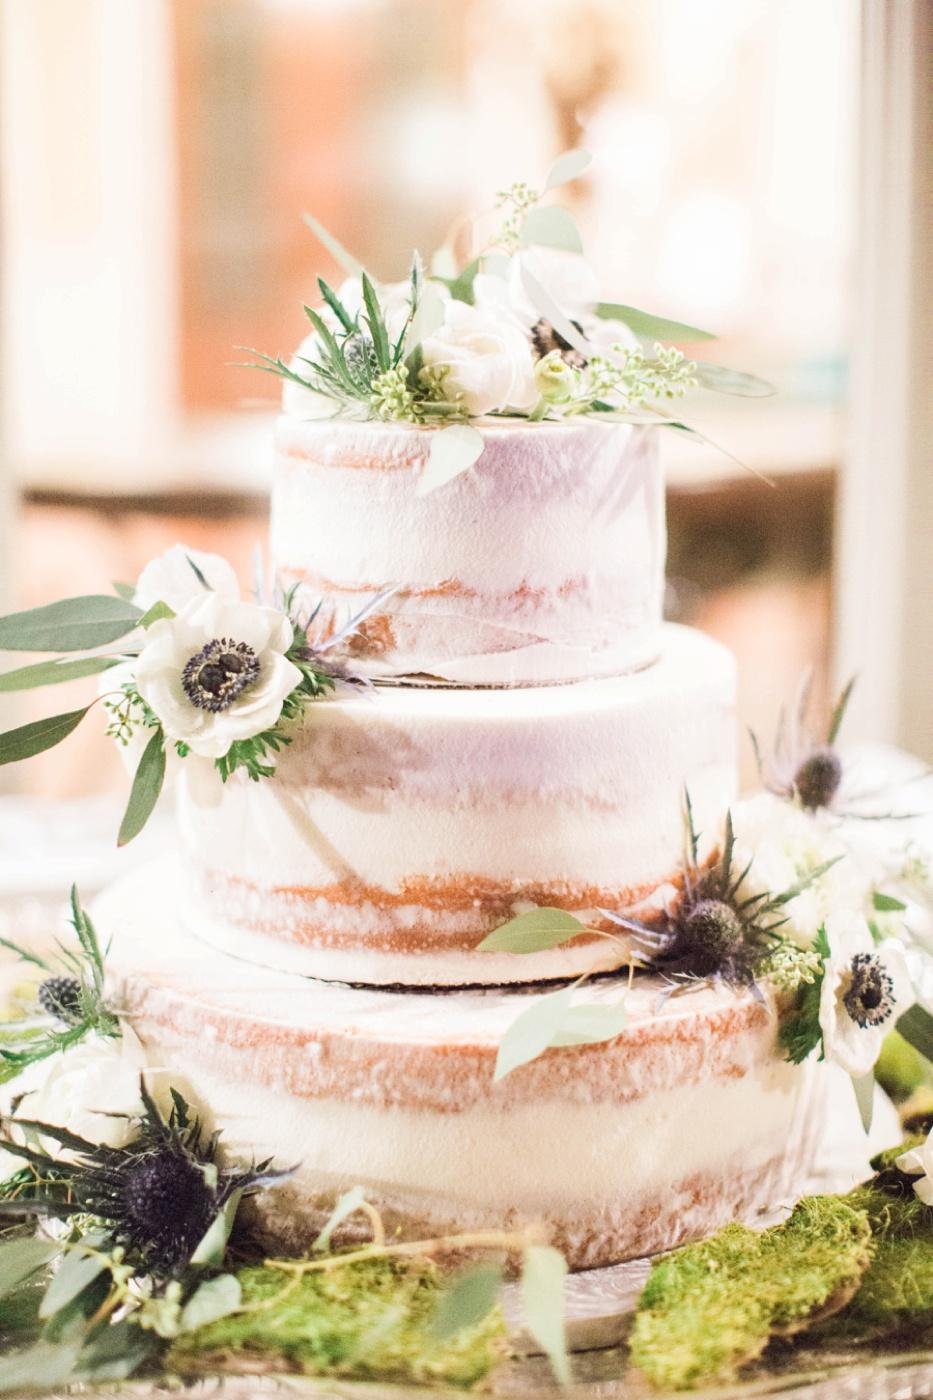 naked-cake-betty-cake-ocala